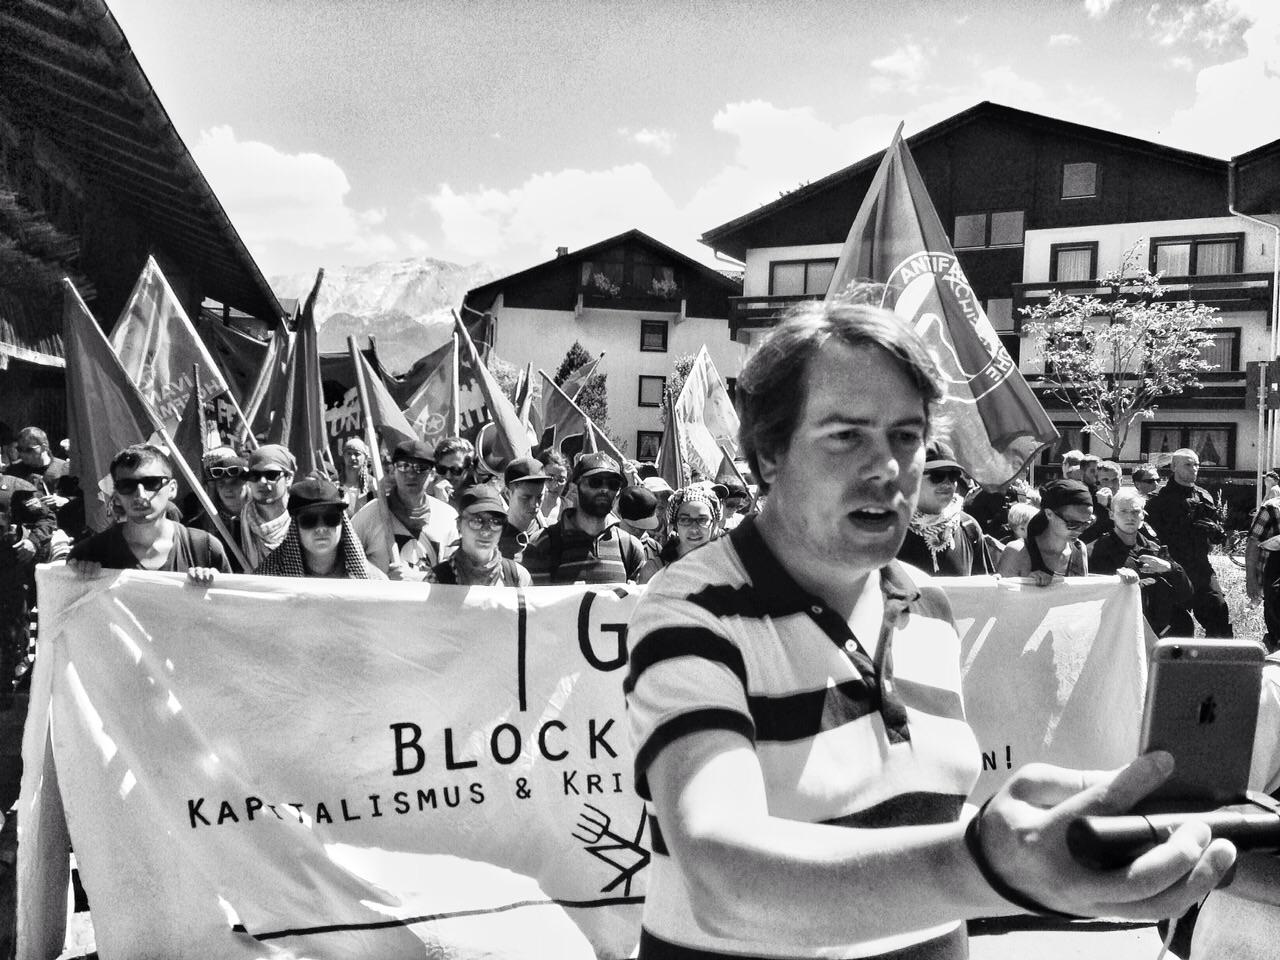 Periscope-Journalismus bei WELT: Martin Heller bei G-7-Gipfel in Bayern